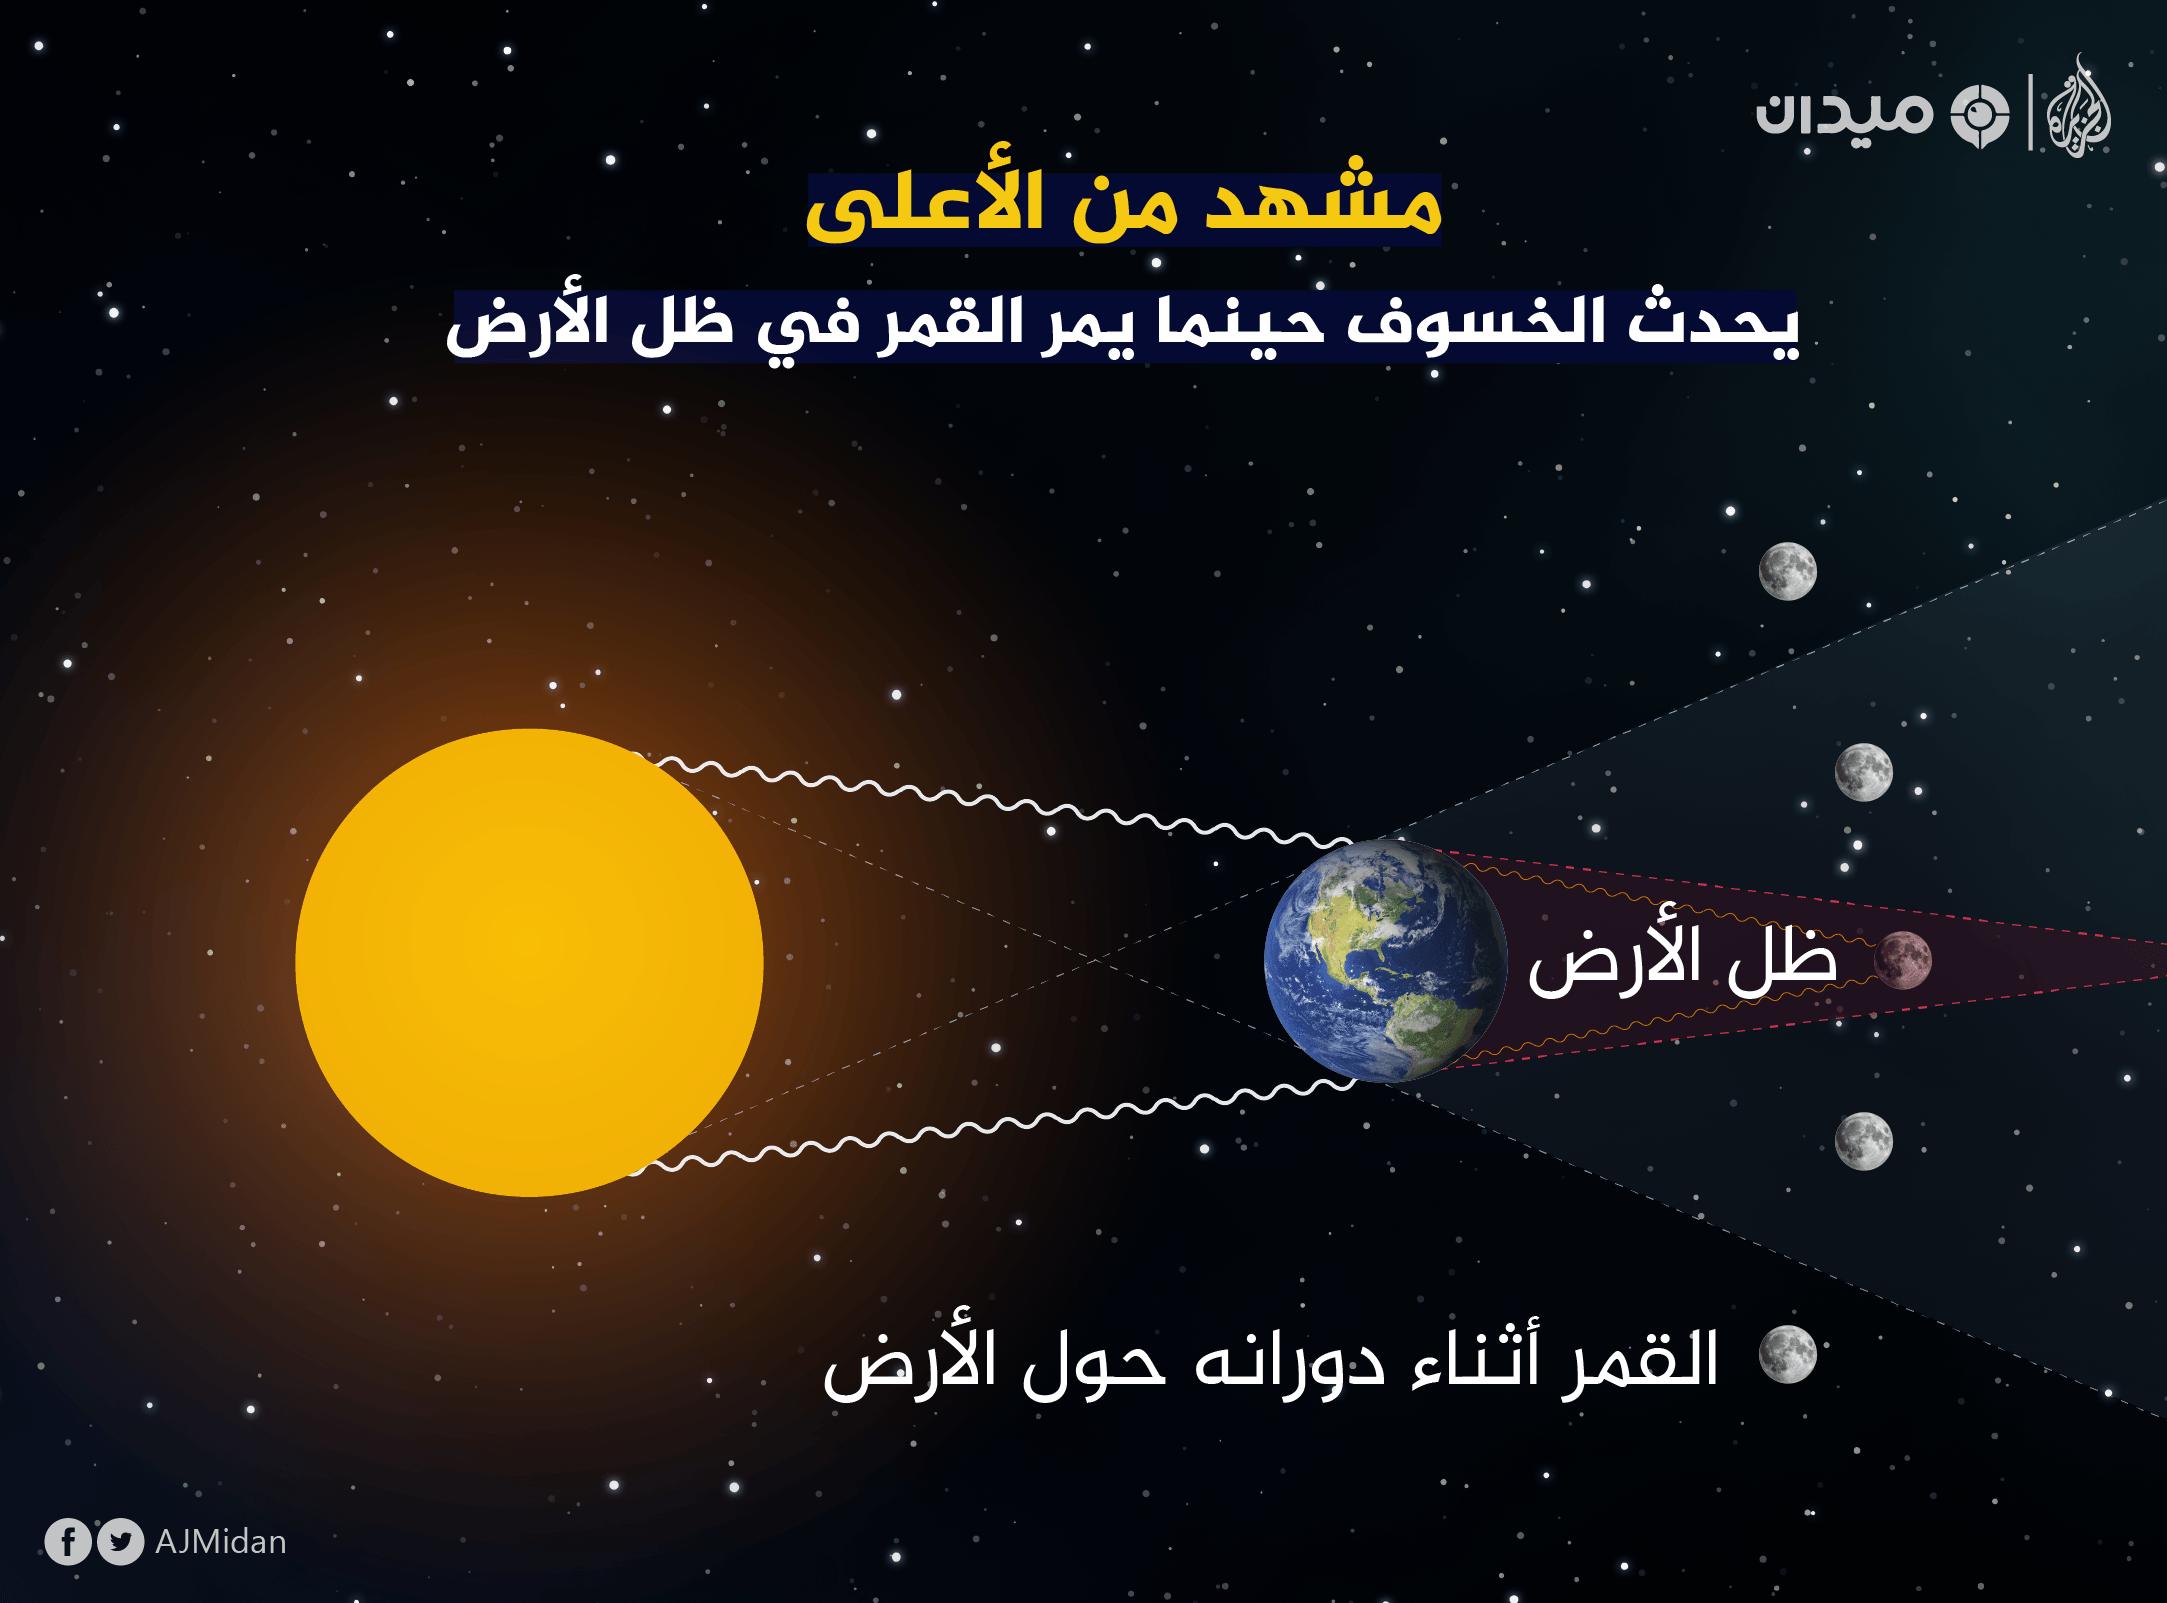 خسوف القمر الدموي - أطول خسوف في ق 21 - AymanWeb